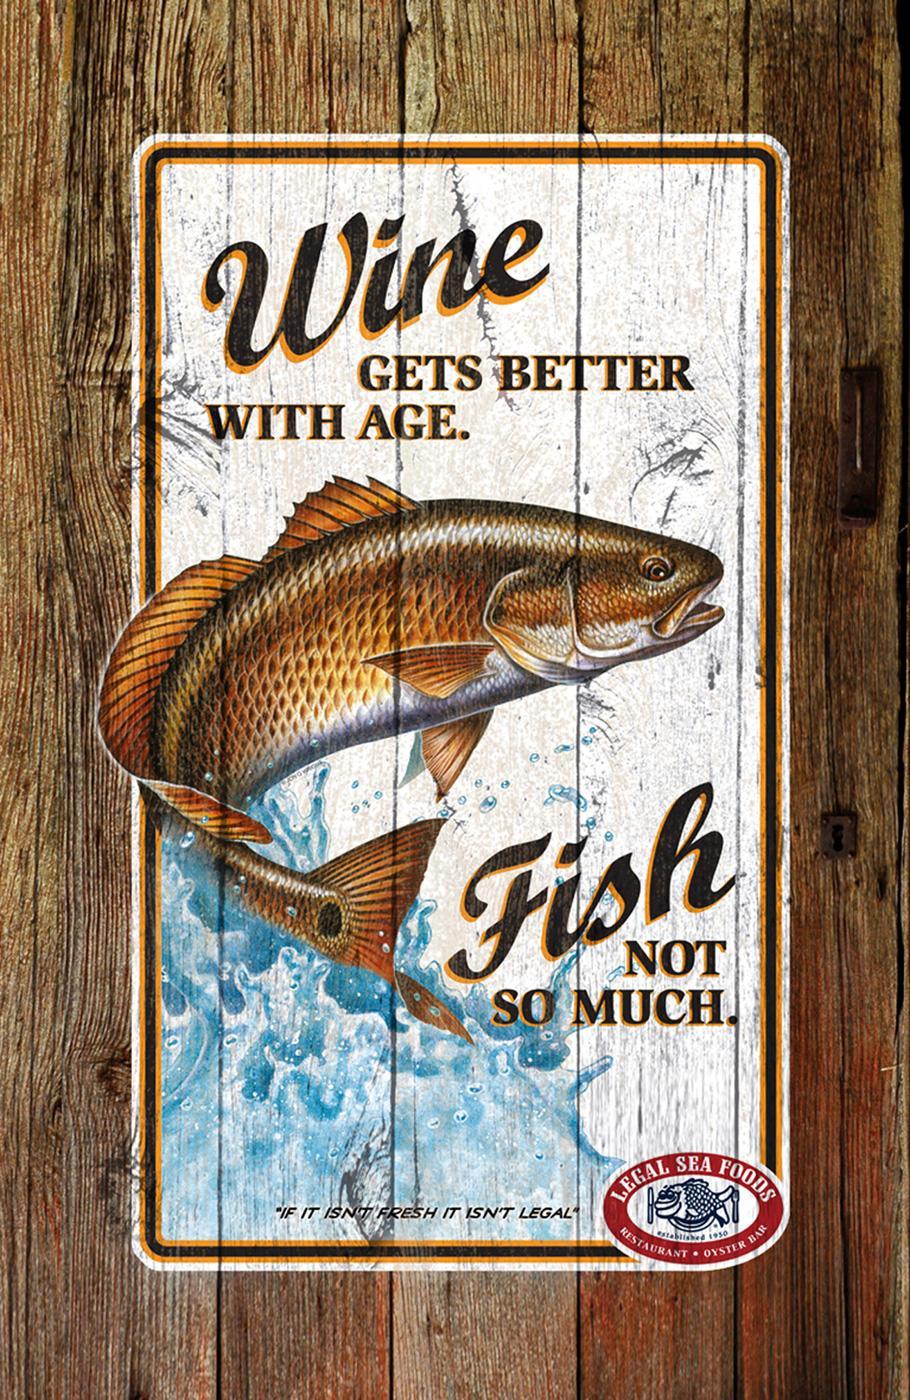 Legal Sea Foods Print Ad -  Wine